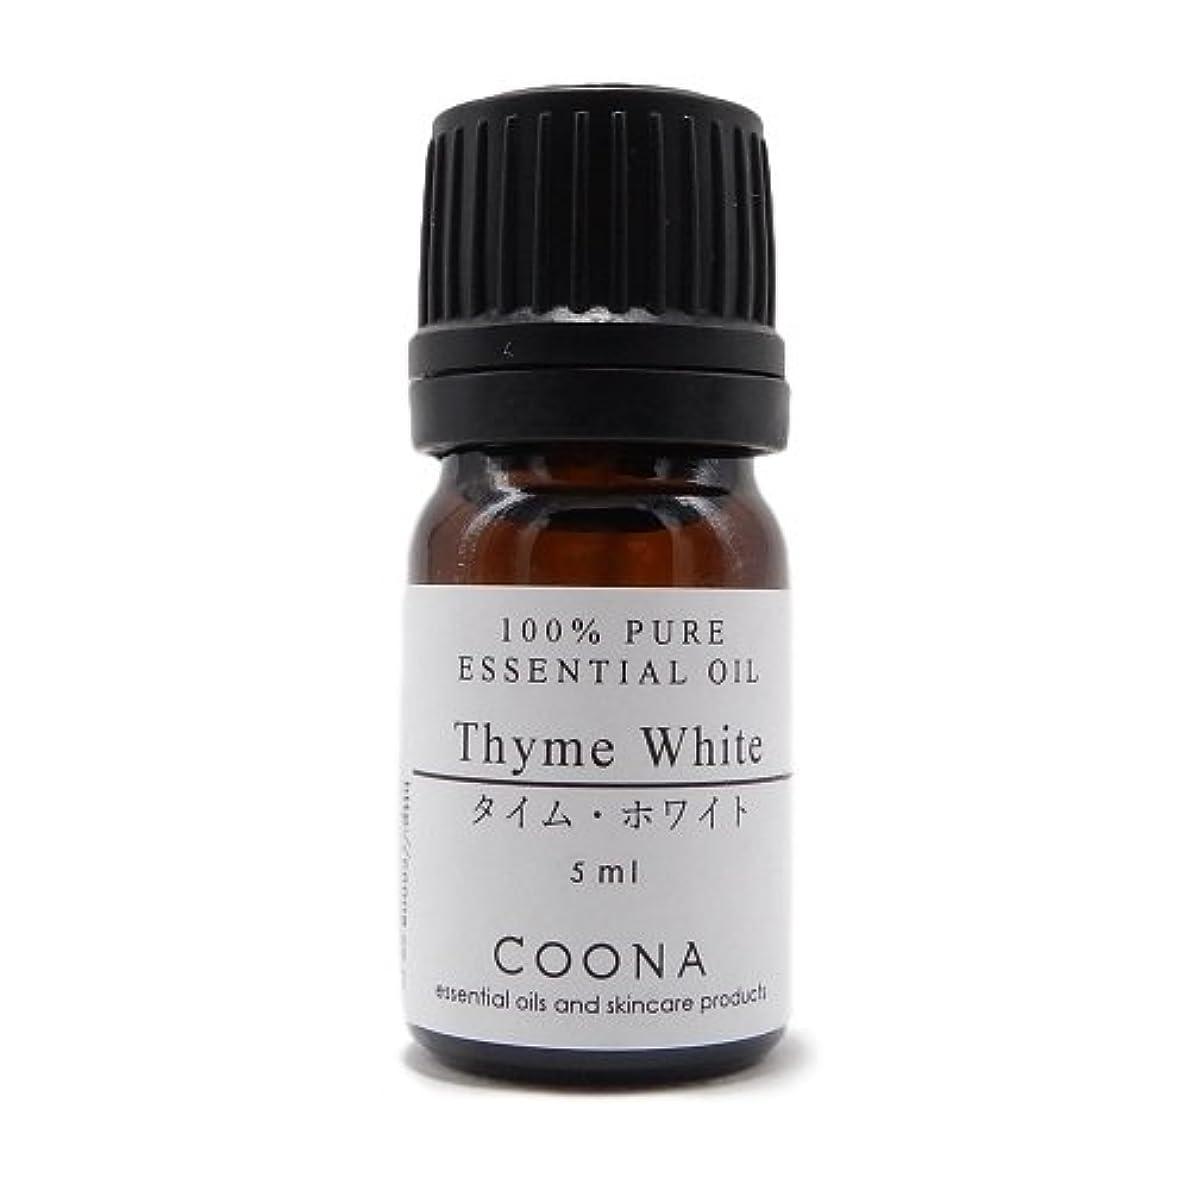 自由洗練記憶タイム ホワイト 5 ml (COONA エッセンシャルオイル アロマオイル 100%天然植物精油)